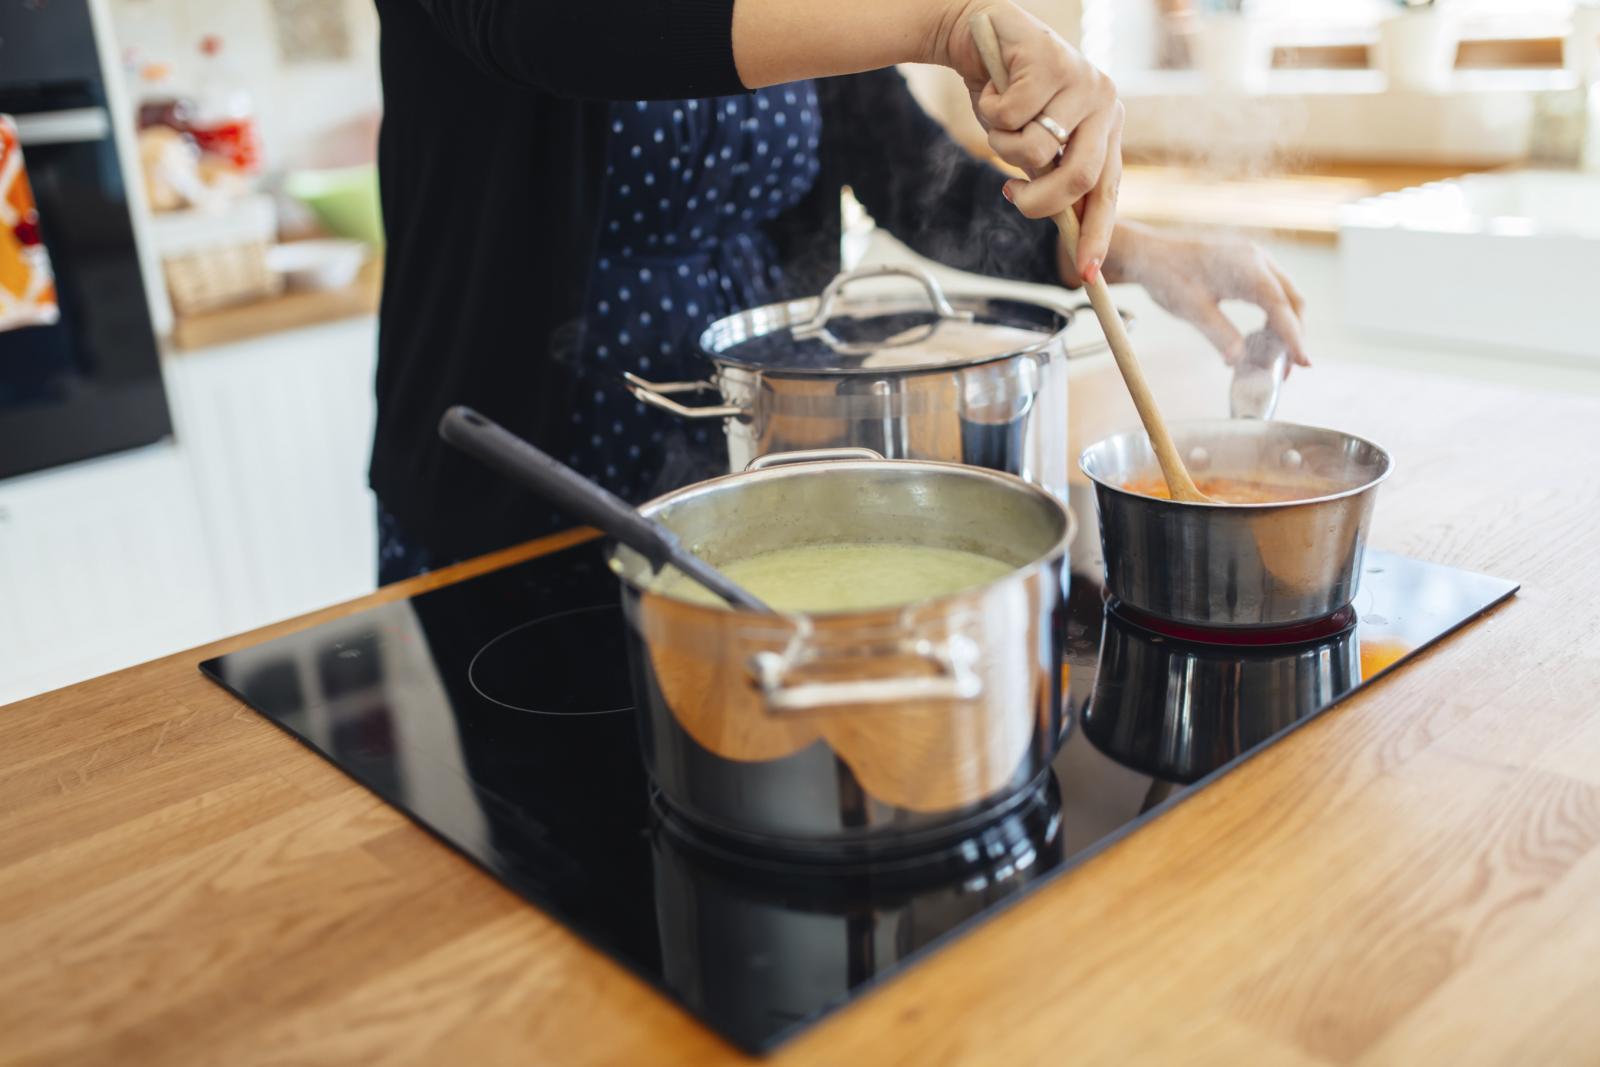 Uz malo dobro volje i ljubavi, i vaša najjednostavnija domaća juha biti će raskošnog okusa.